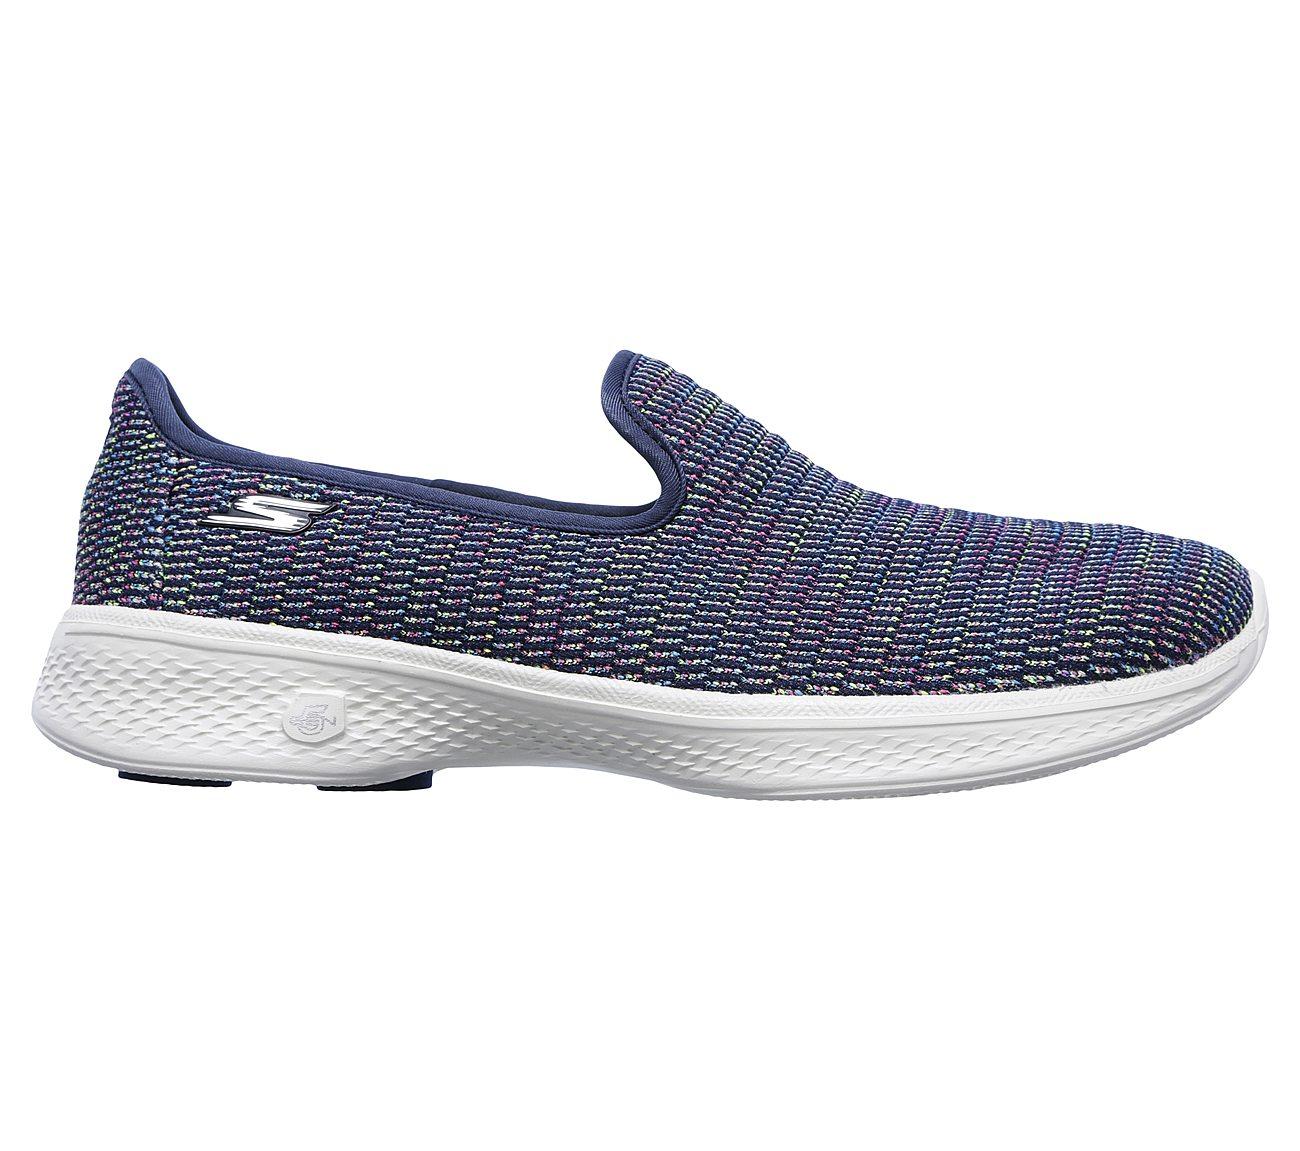 skechers gowalk 4 women's shoes